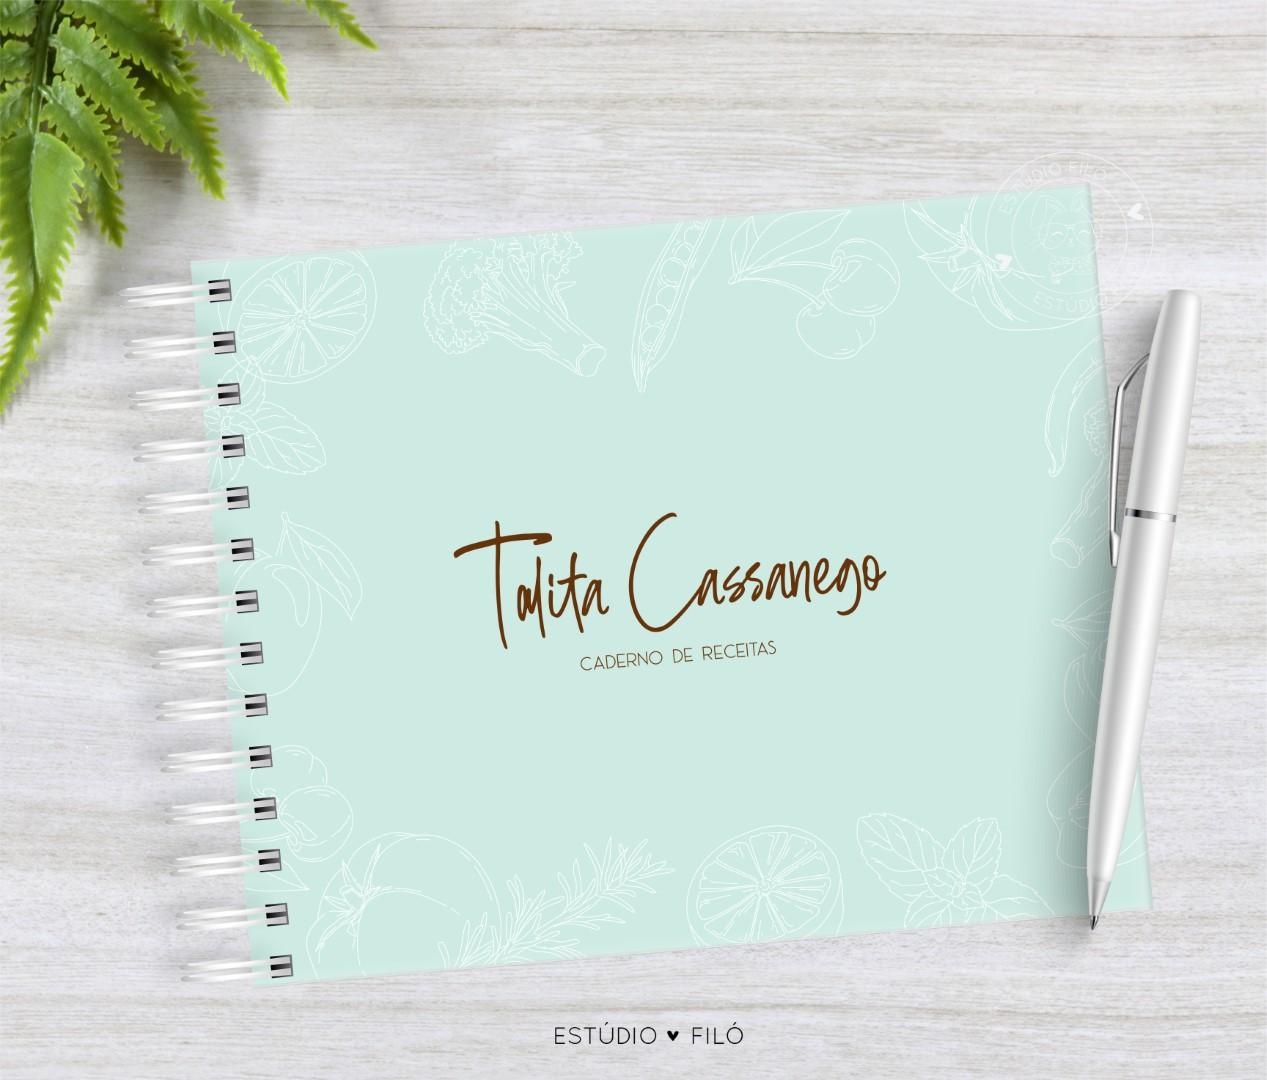 Caderno de receitas silhueta